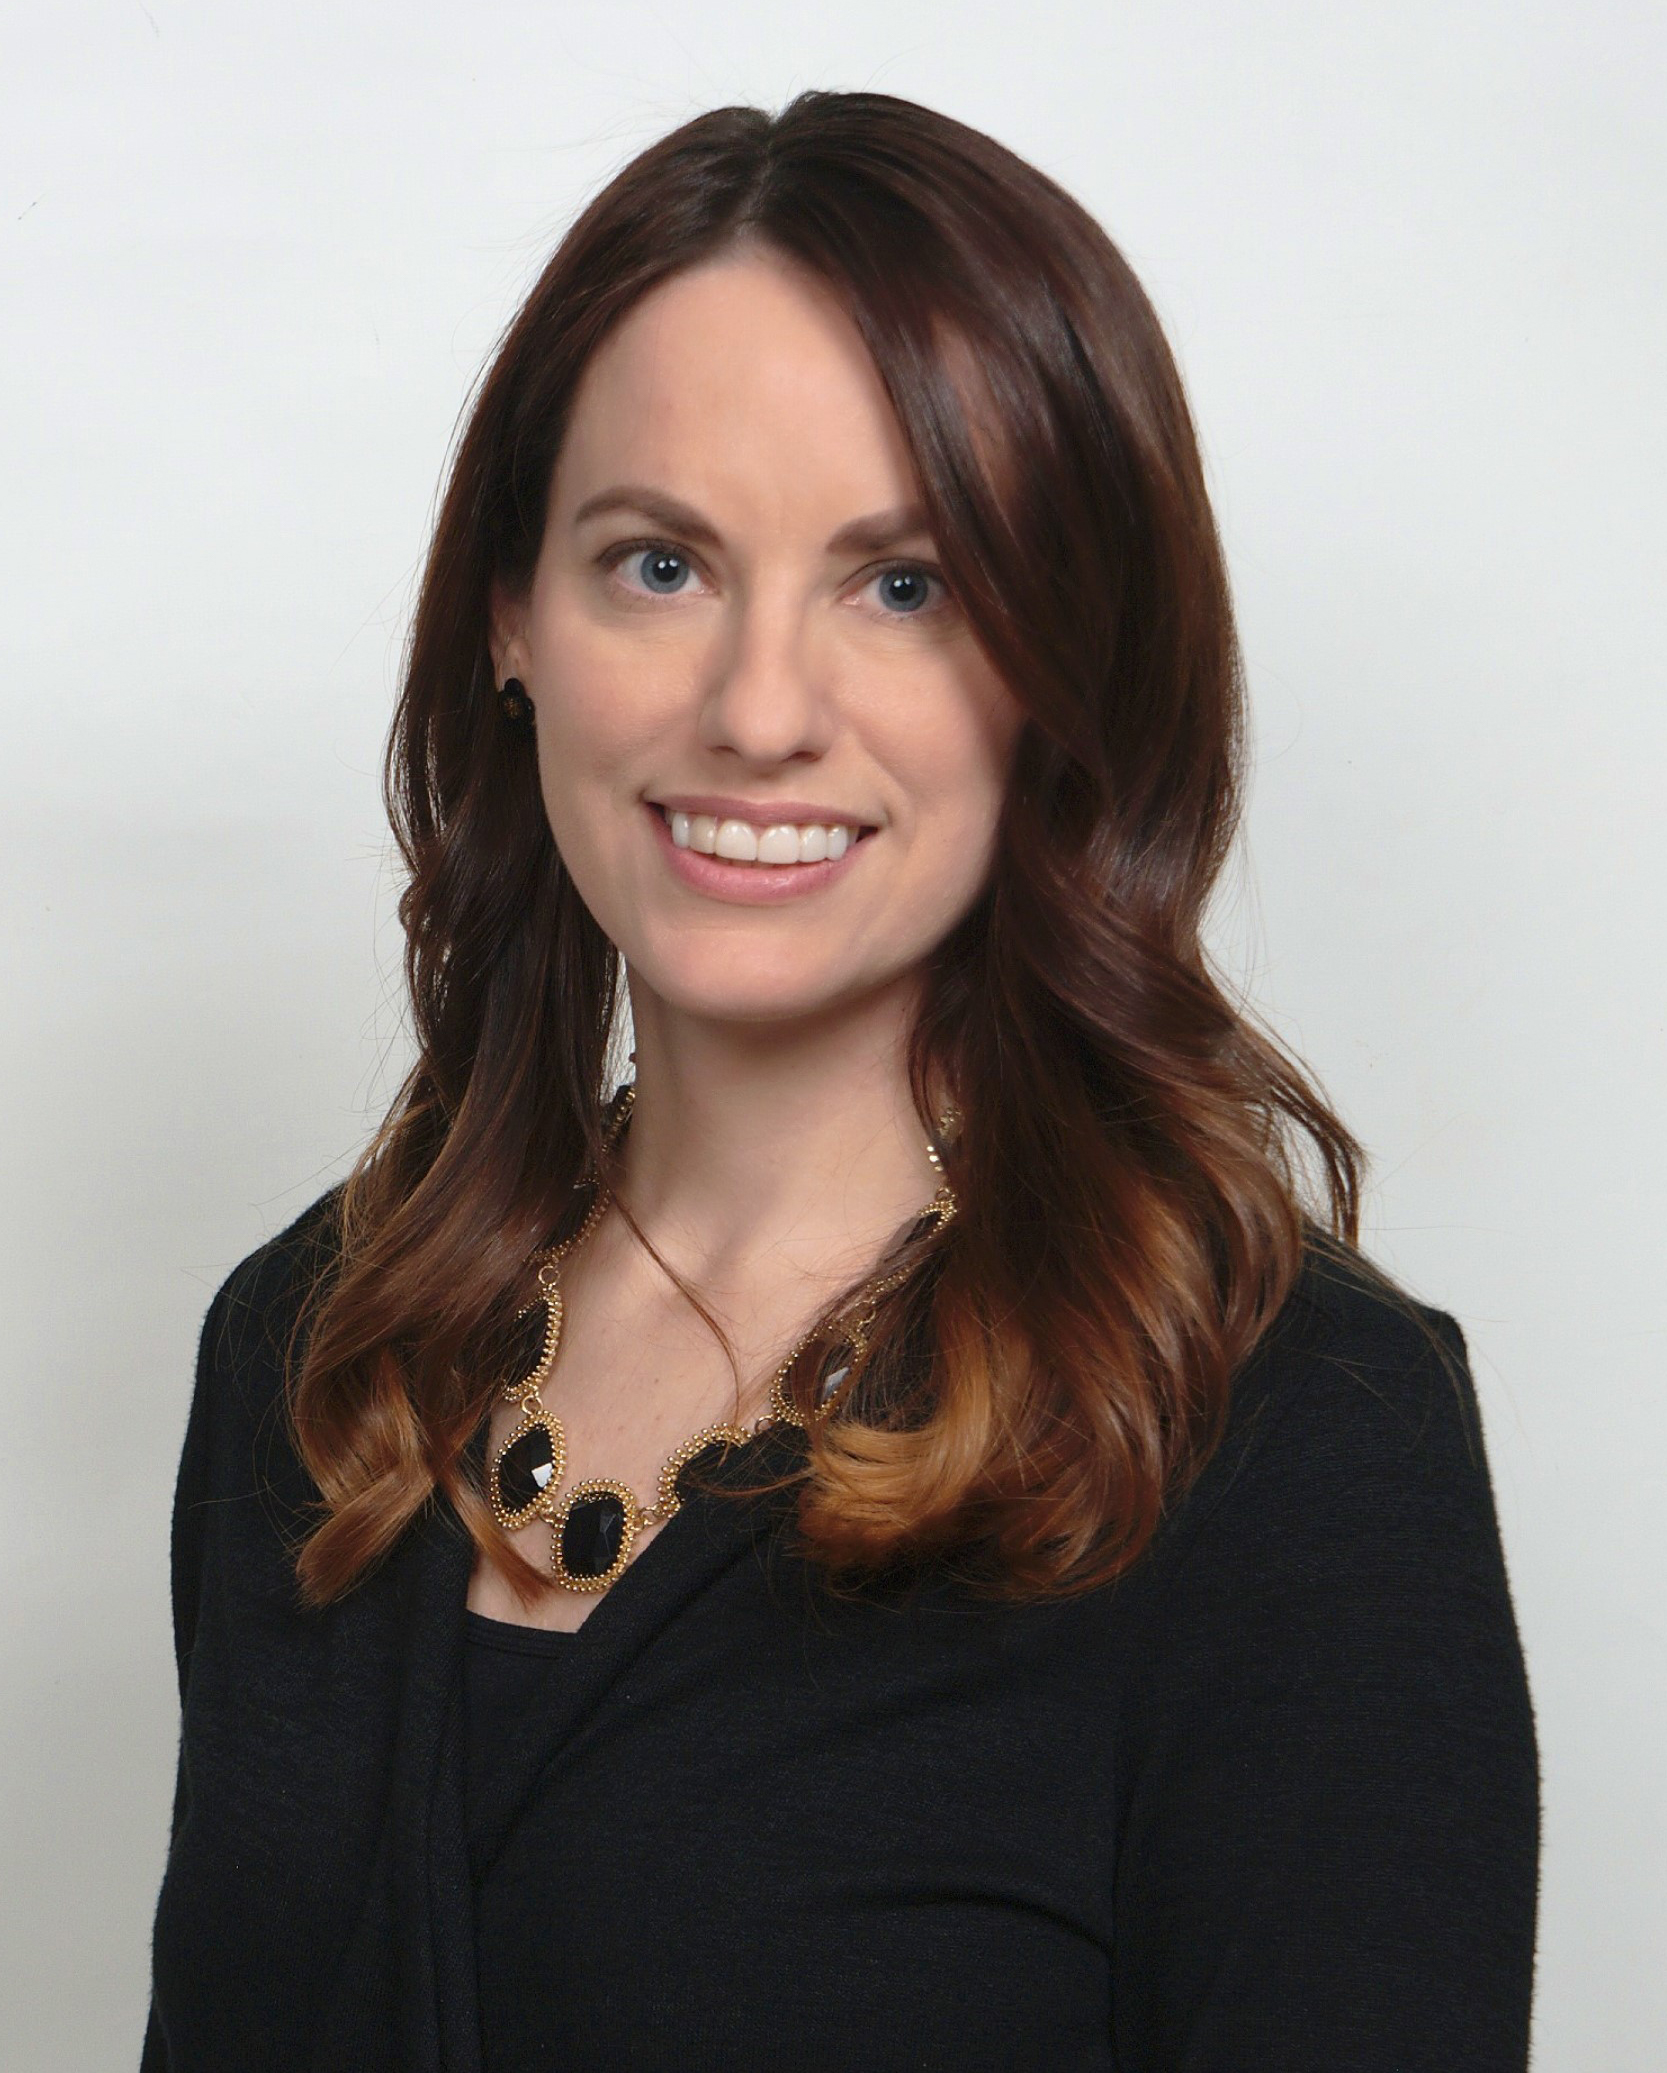 Erin A Weston